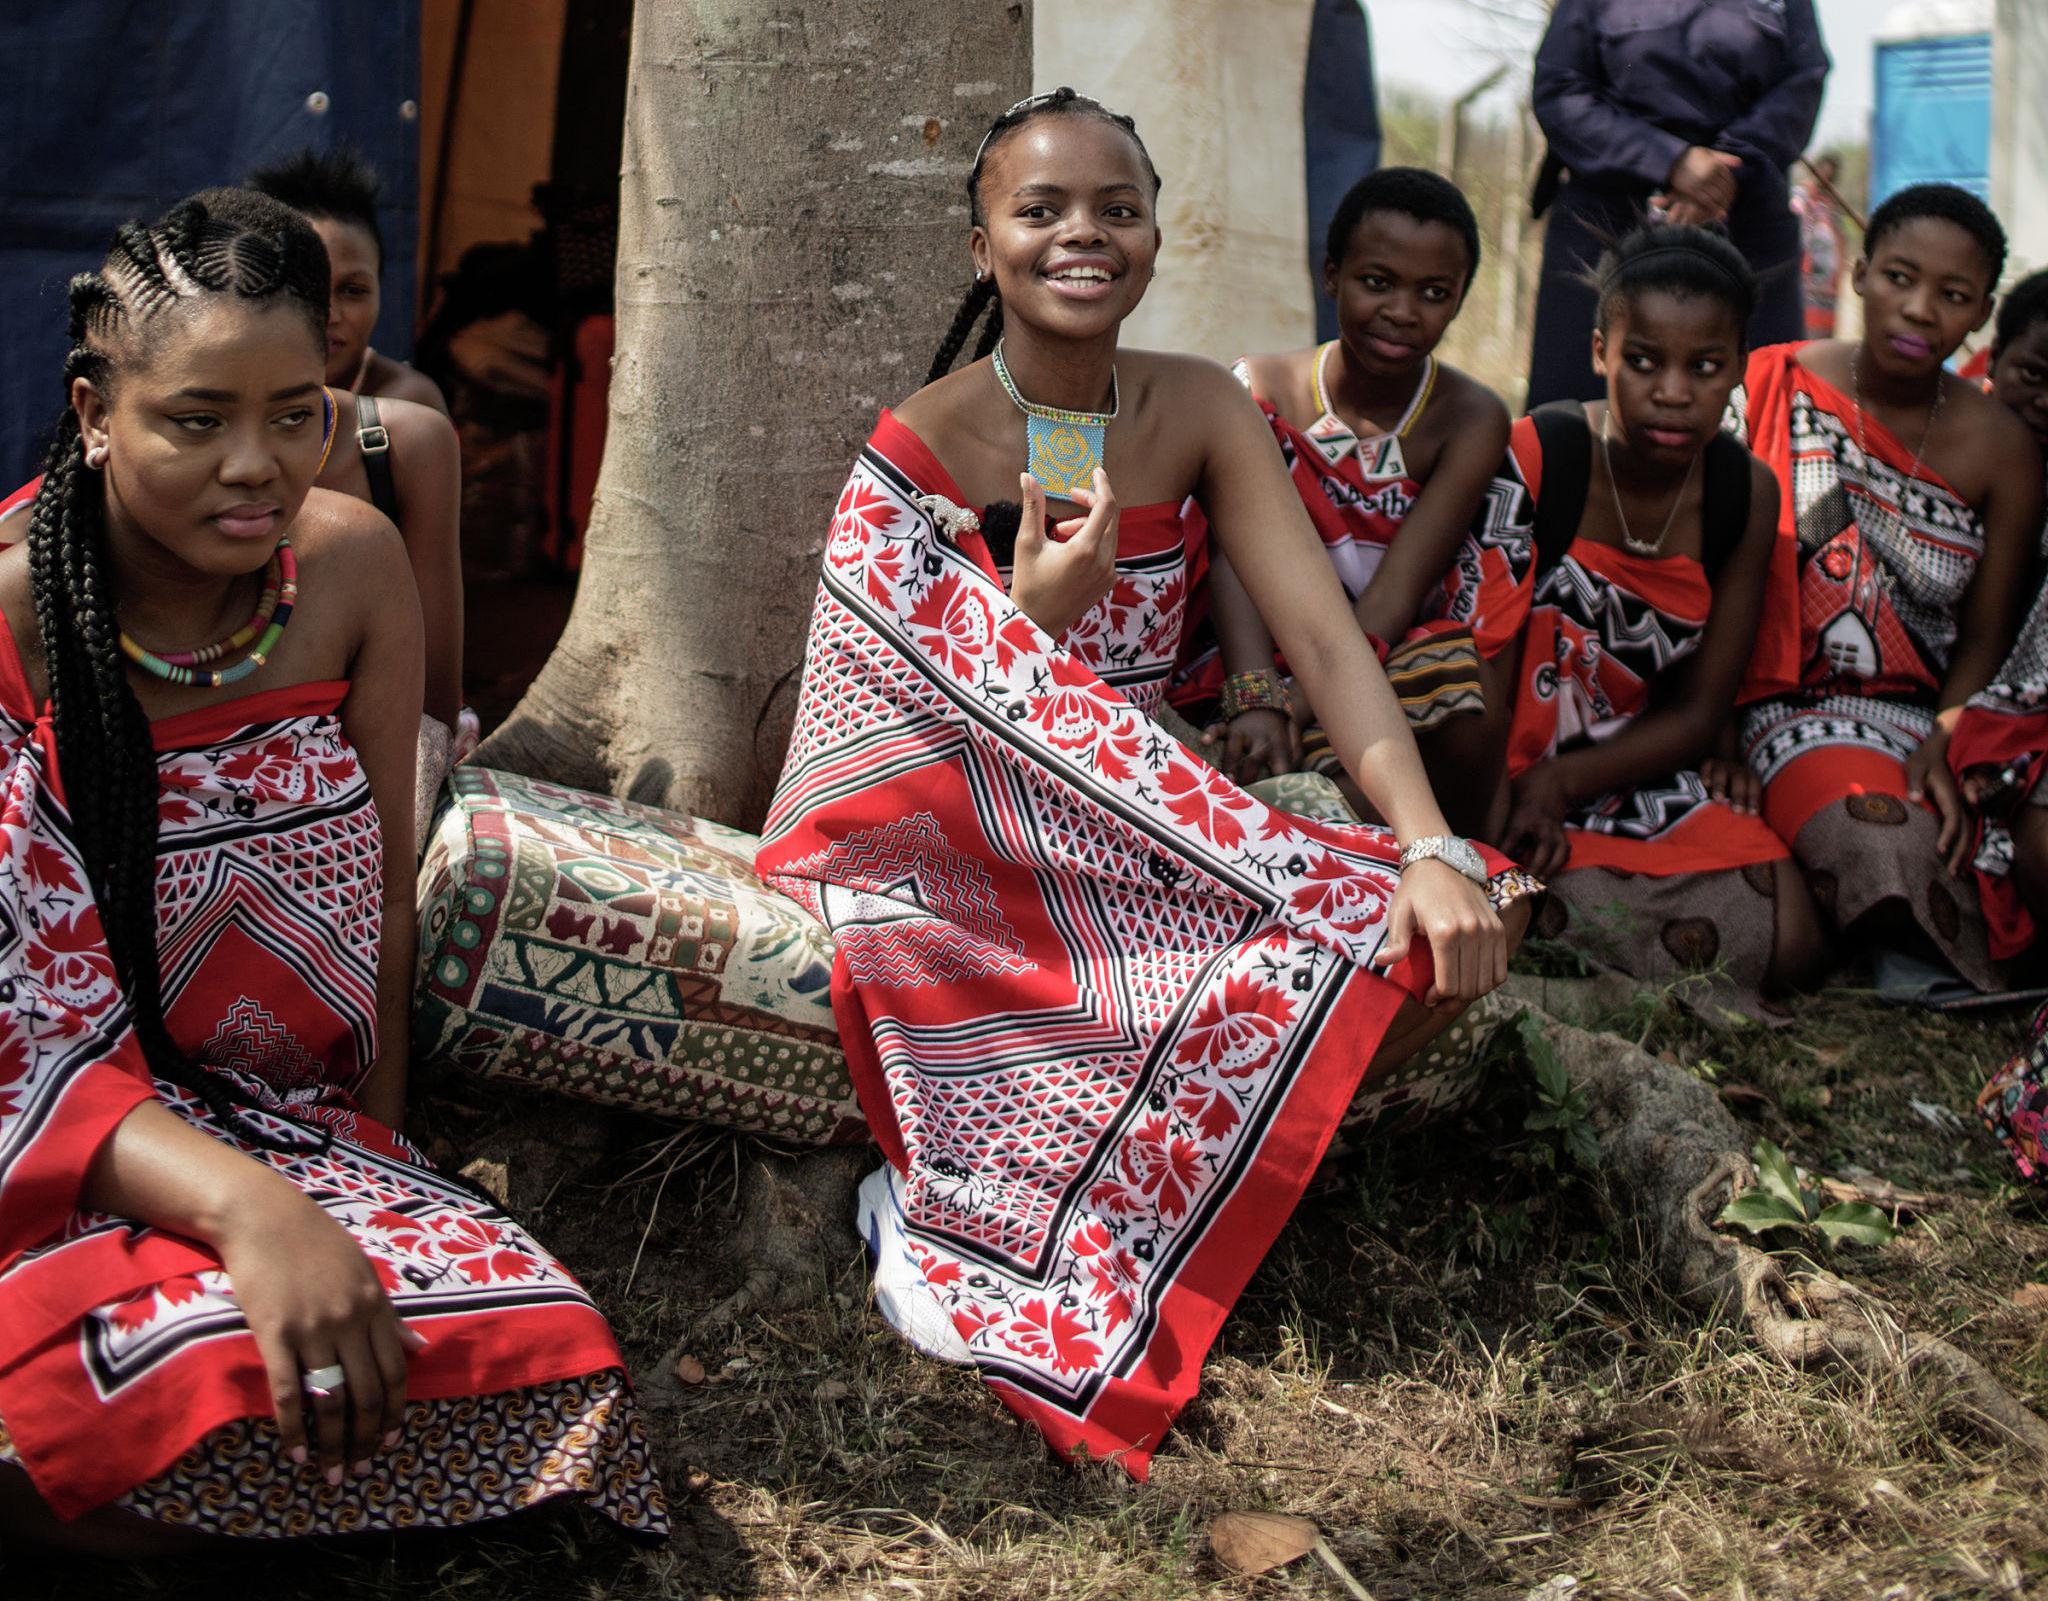 Ее Королевское Высочество принцесса Сикханиисо Дламини из Свазиленда, старшая дочь короля Свазиленда, сидит под деревом во время интервью в Луве. Свазиленд, 28 августа 2015 года.